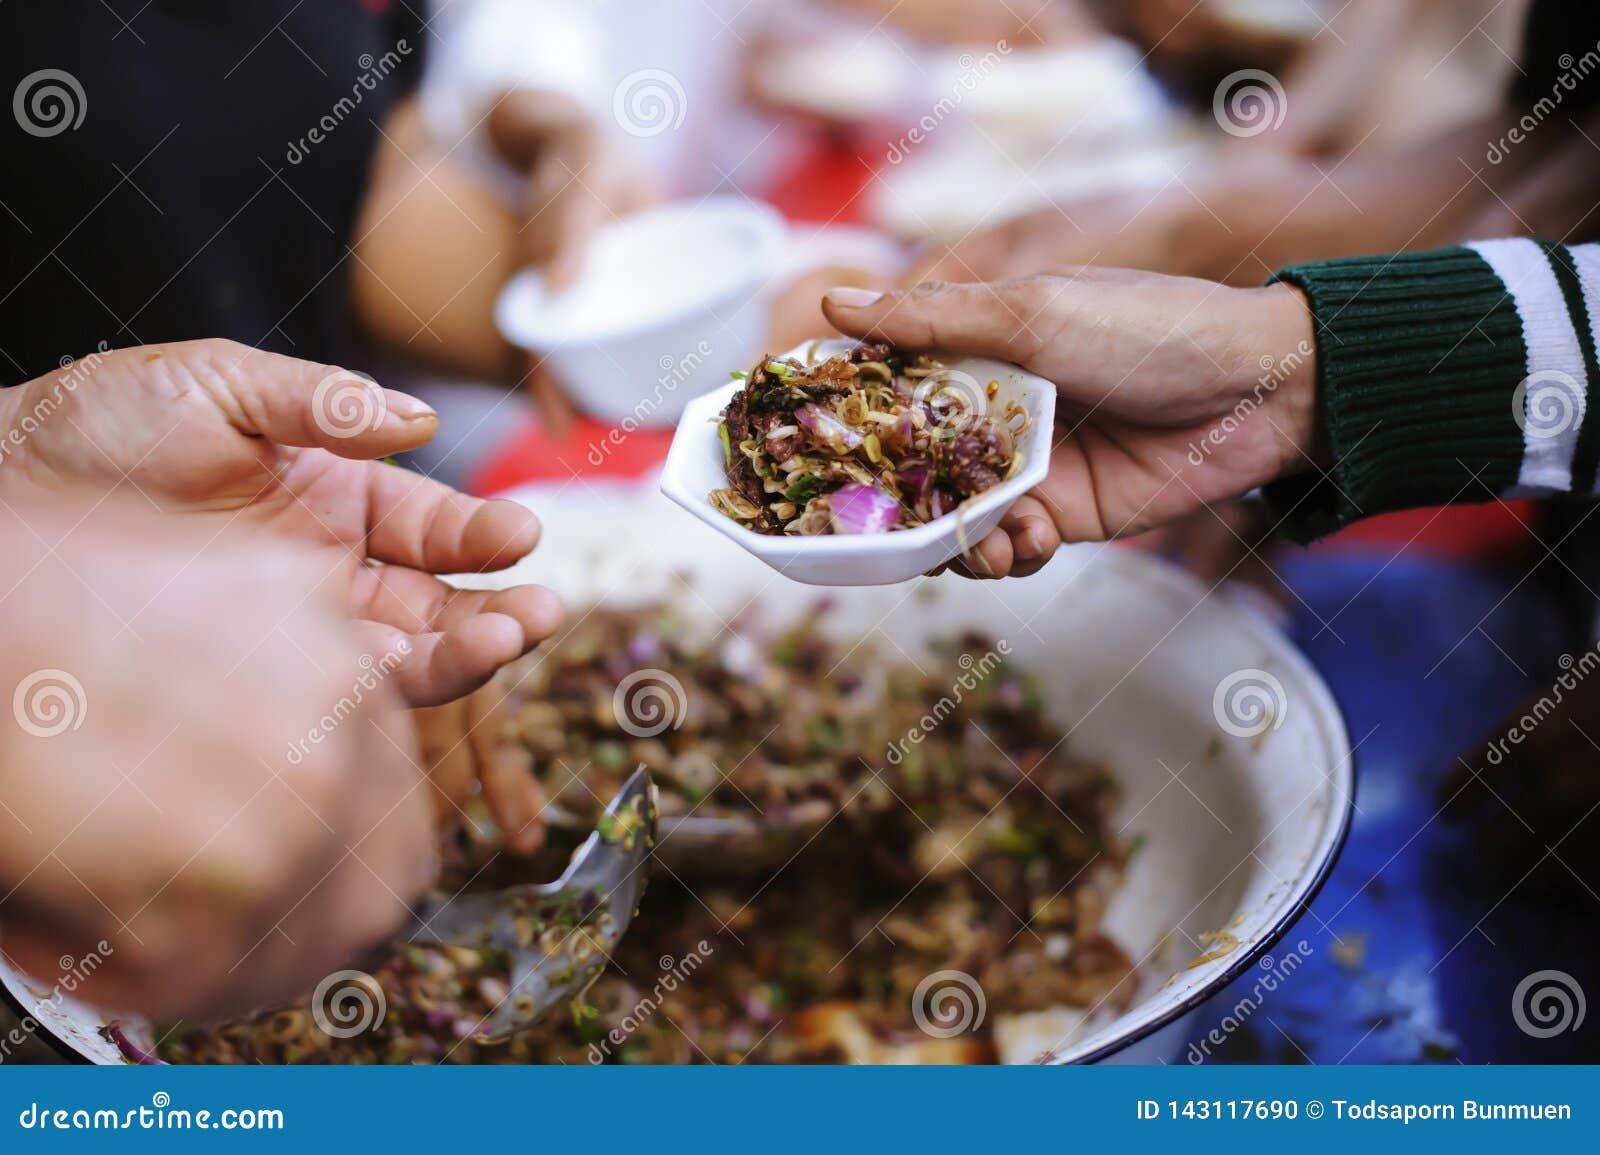 Het voeden van de armen om elkaar in de maatschappij te helpen: concept schenking